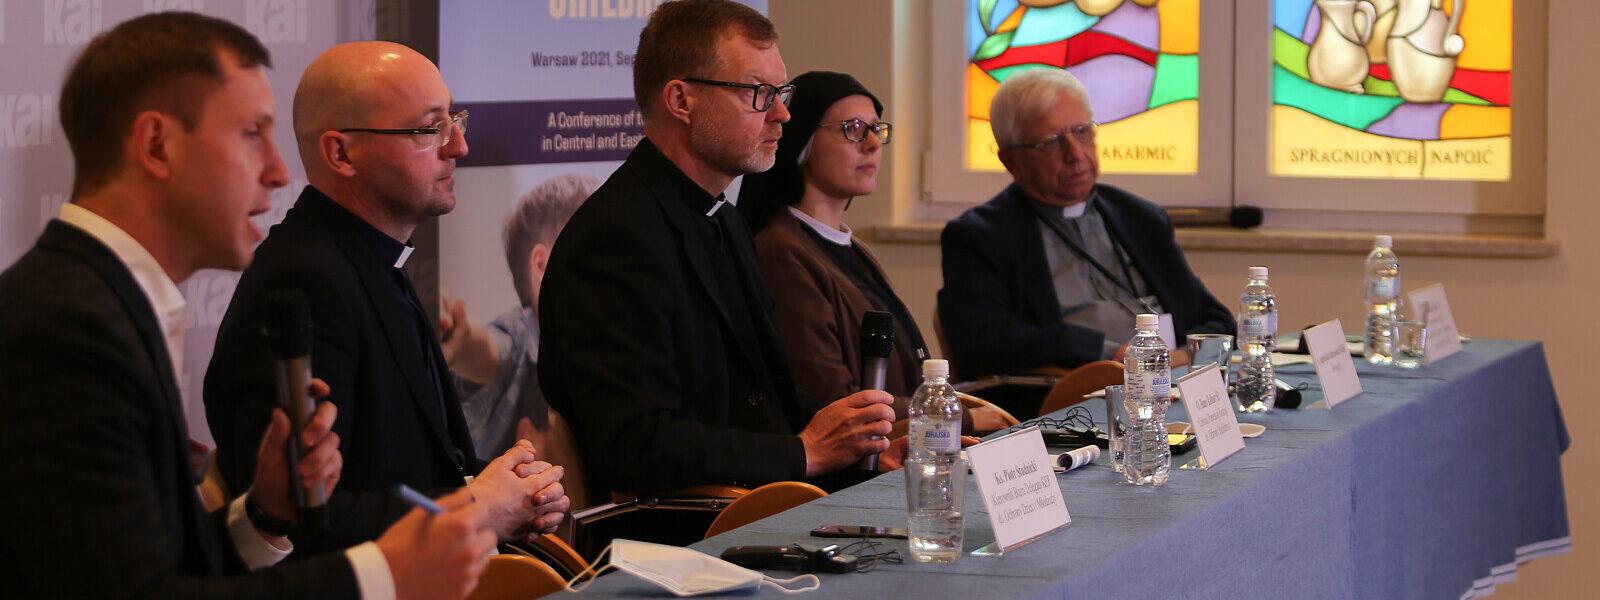 jakie-doswiadczenia-z-warszawskiej-konferencji-o-ochronie-dzieci-i-mlodziezy